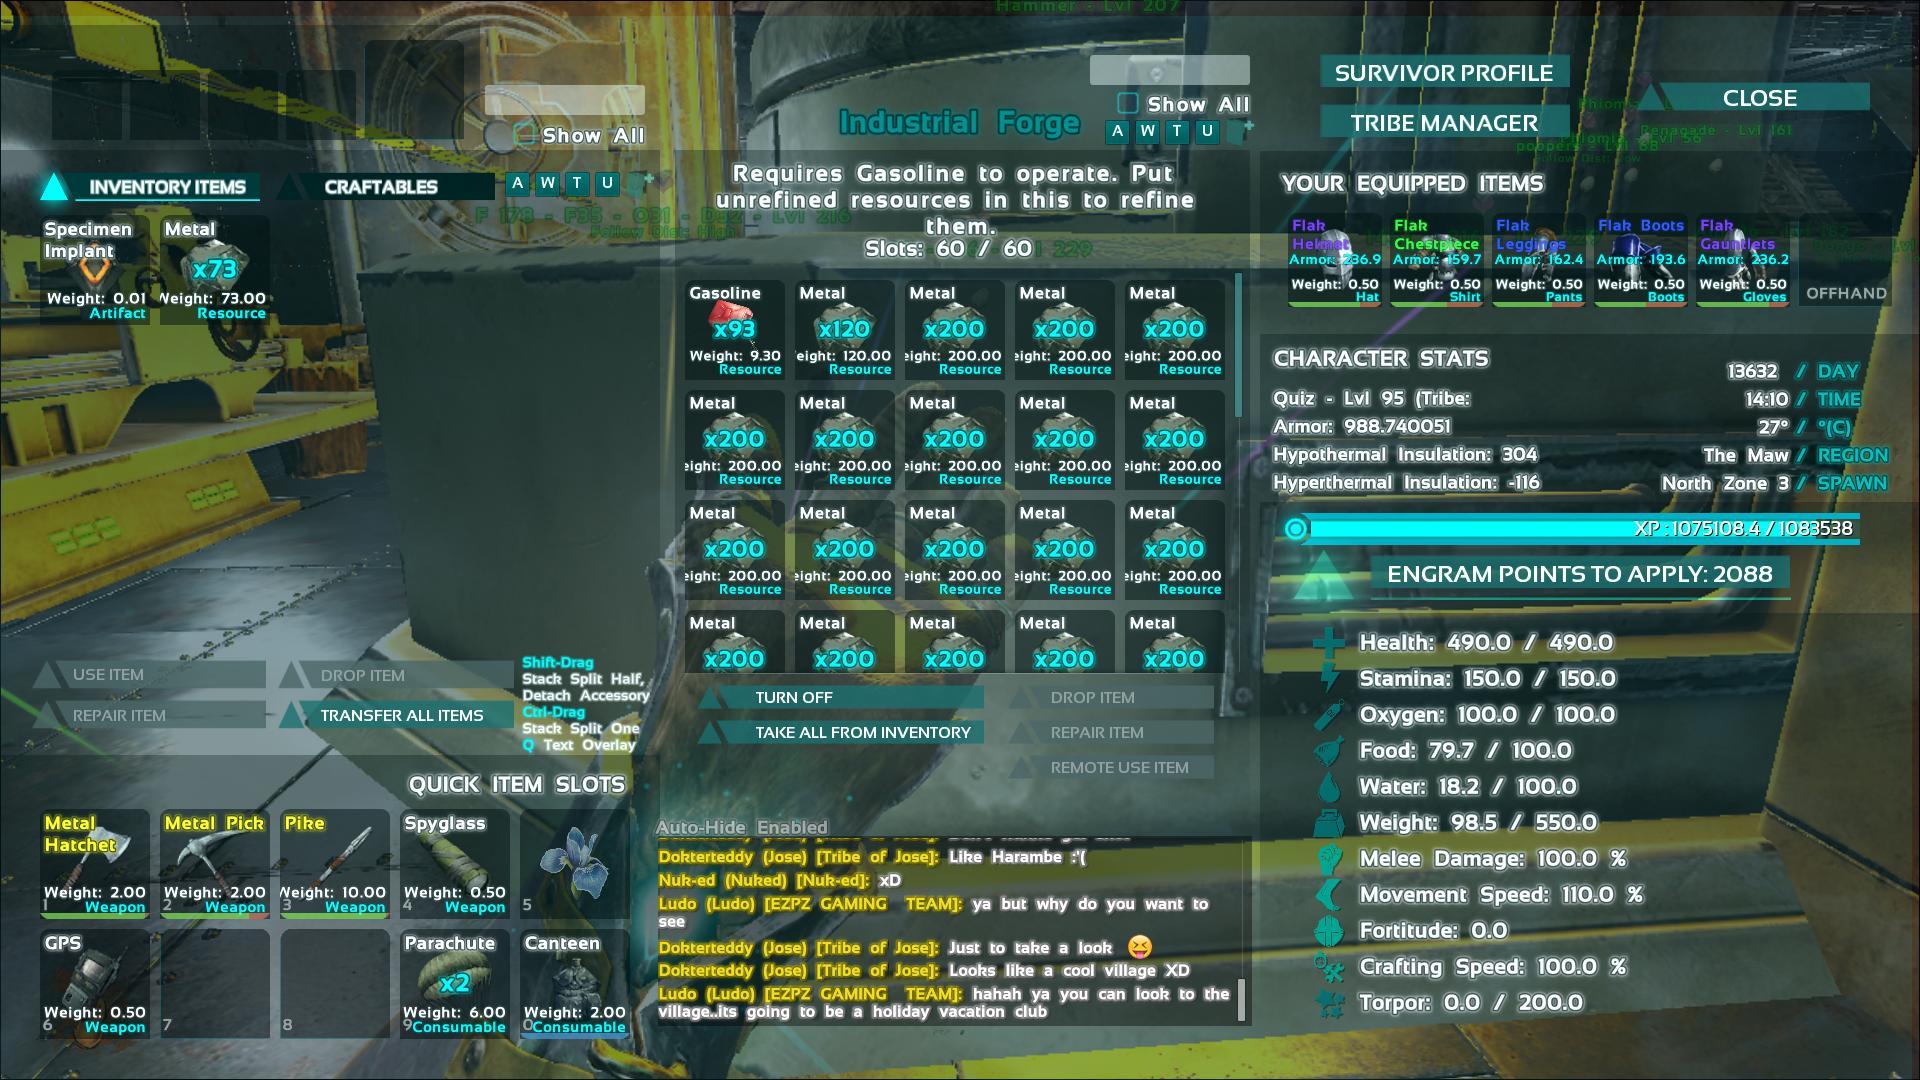 industrial forge ark screenshot. Black Bedroom Furniture Sets. Home Design Ideas